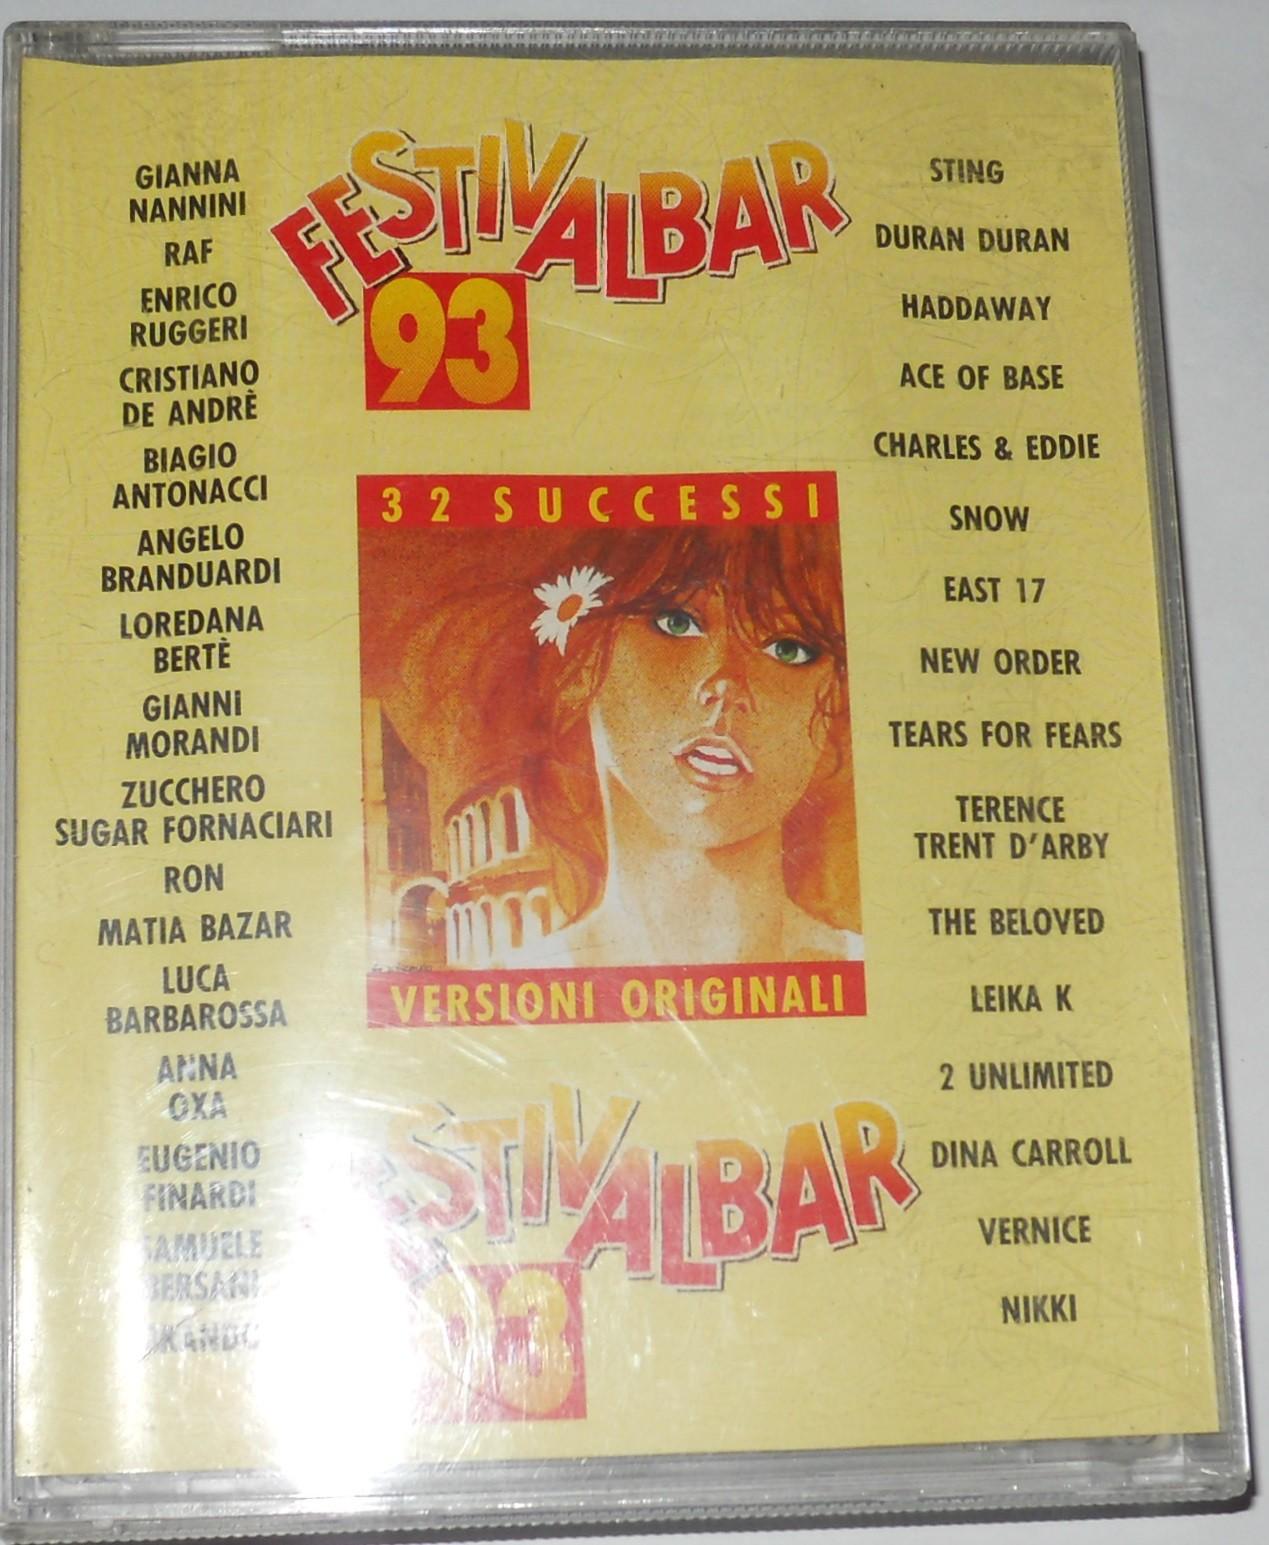 festivalbar 93